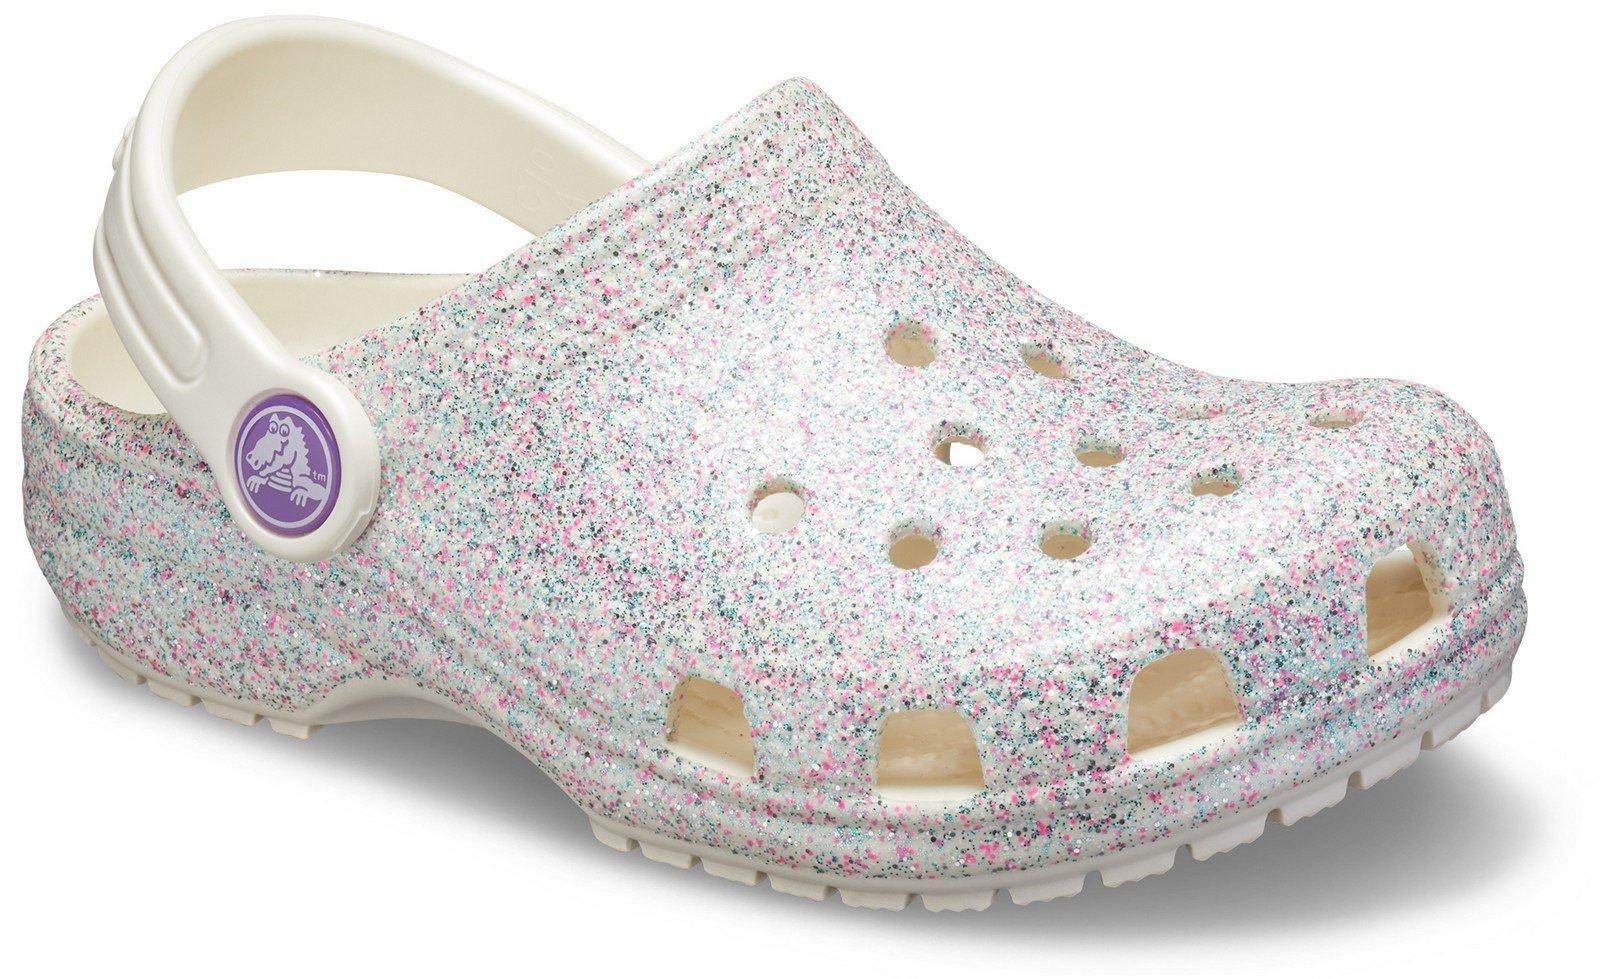 Crocs Kid's Classic Glitter Clog Slip On Sandal Oyster 27505 - Oyster 4 UK